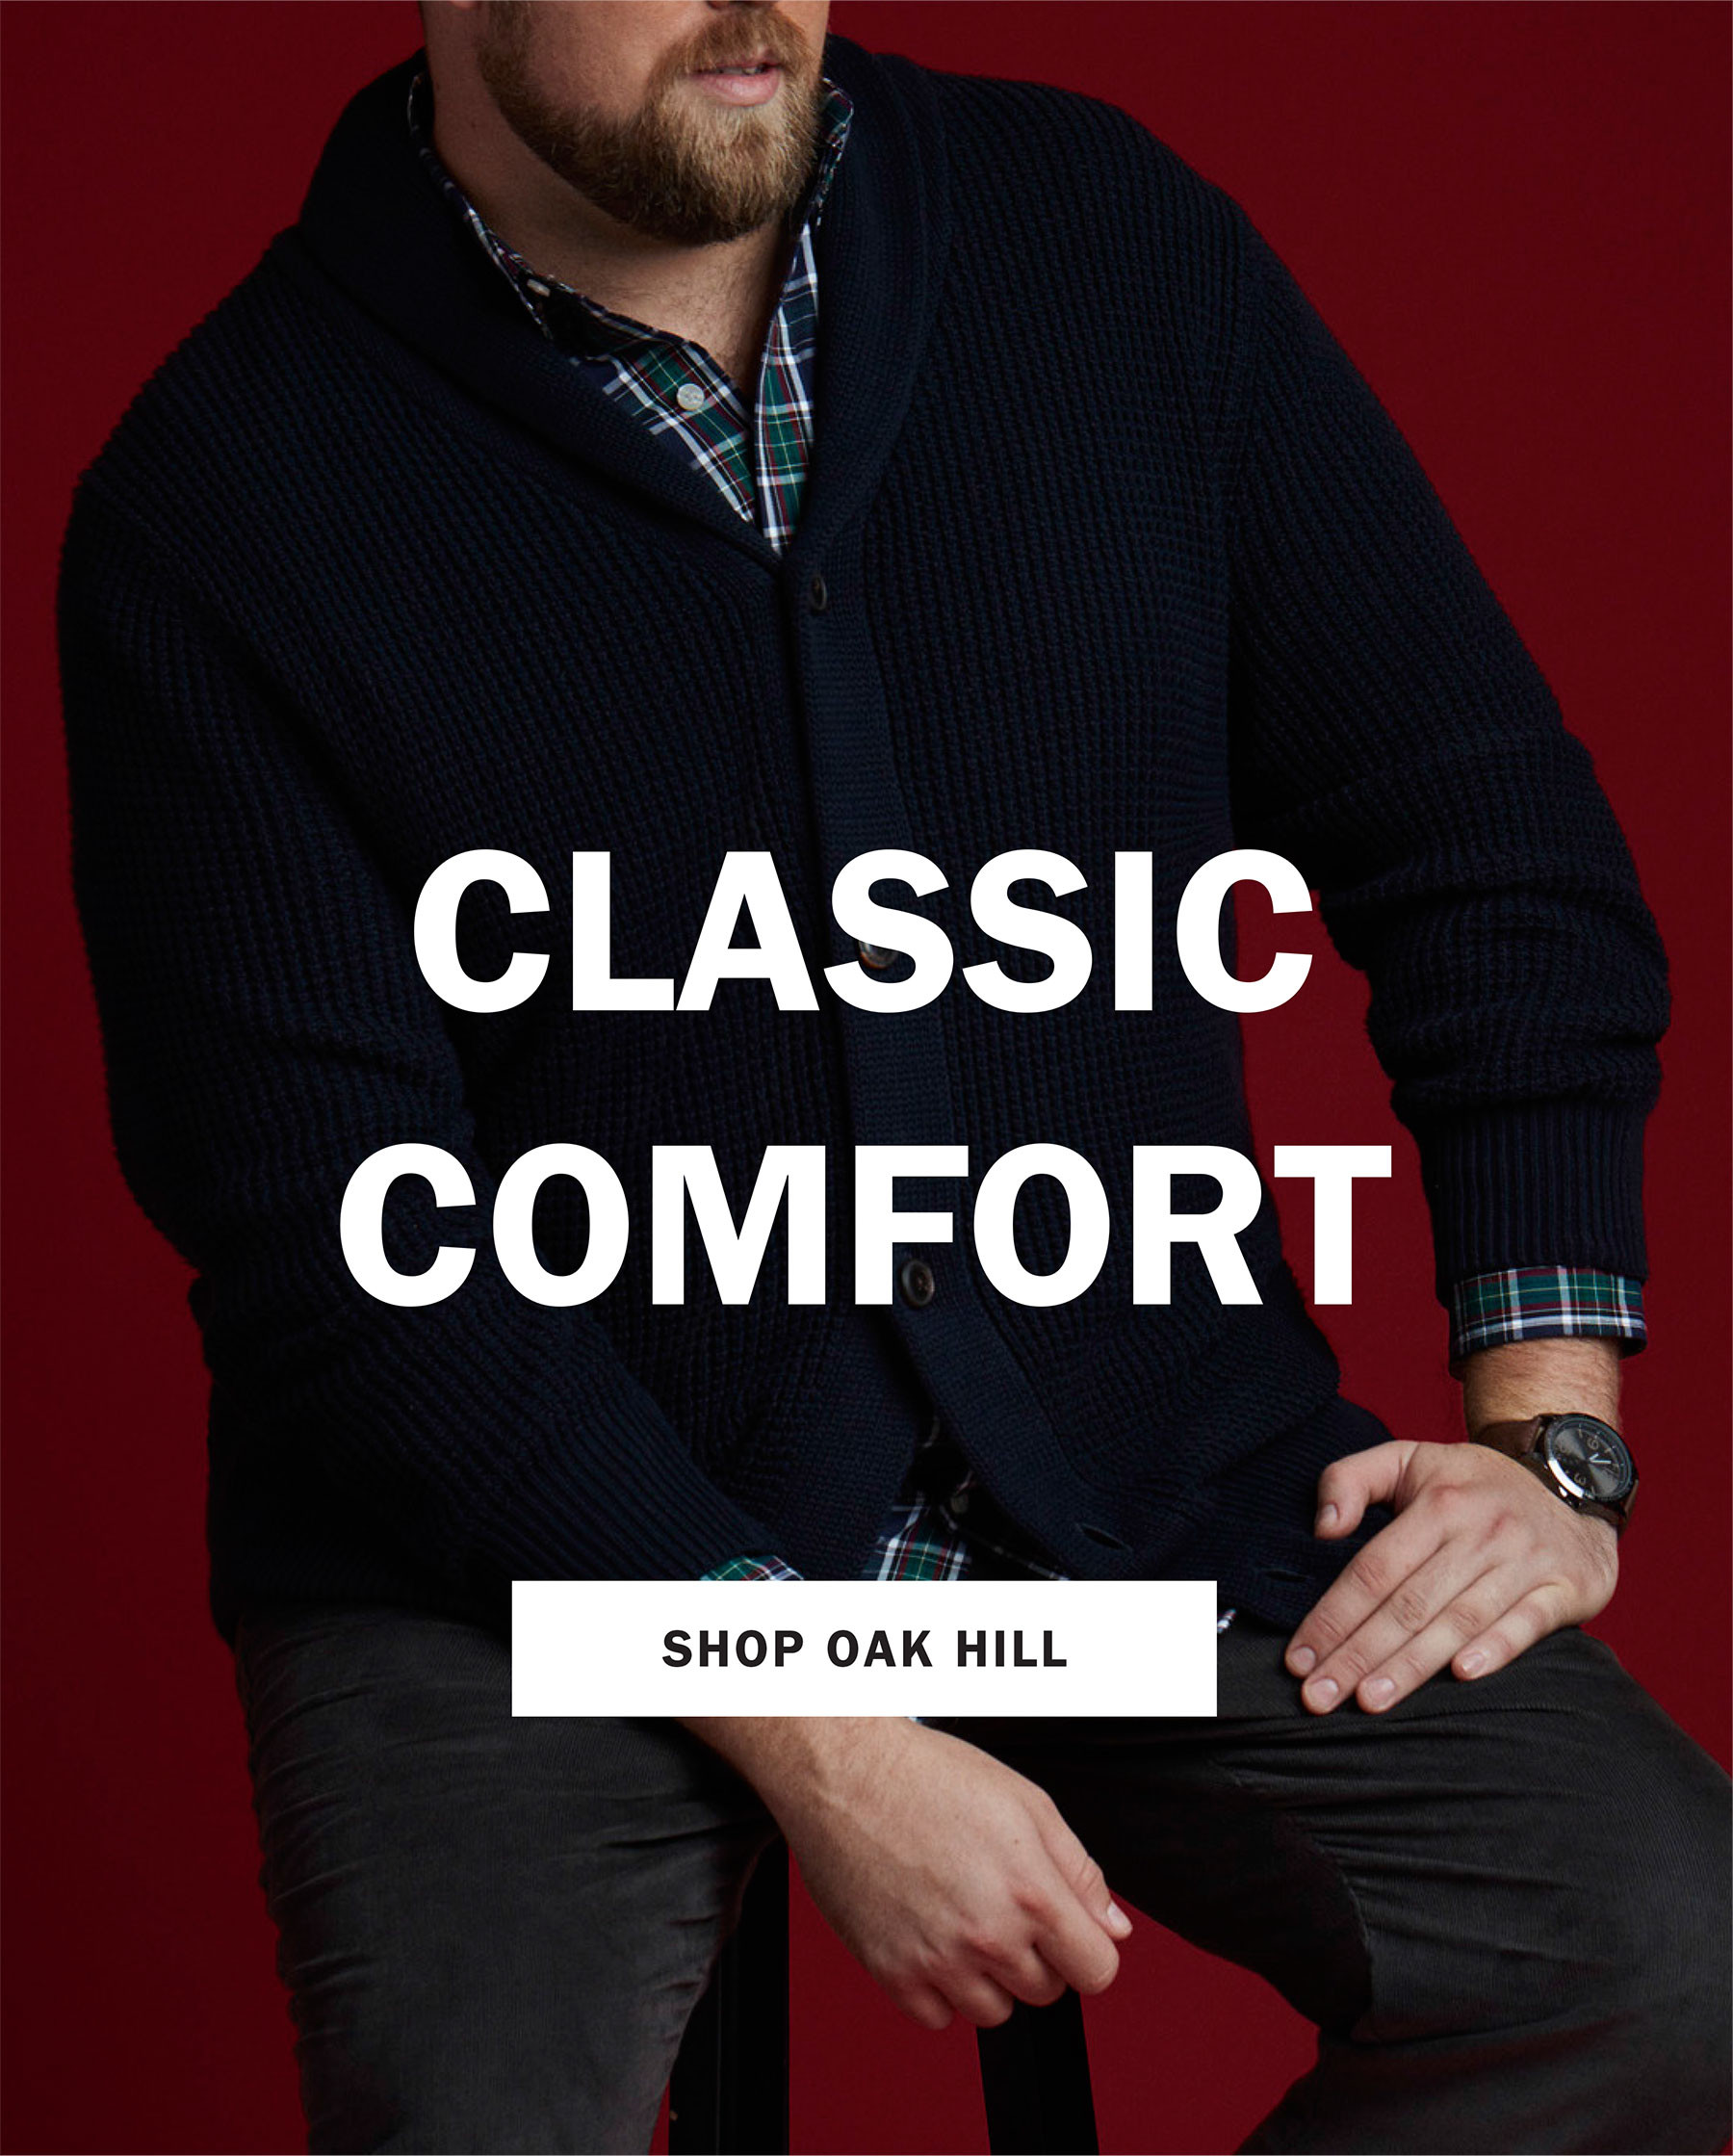 CLASSIC COMFORT | SHOP OAK HILL